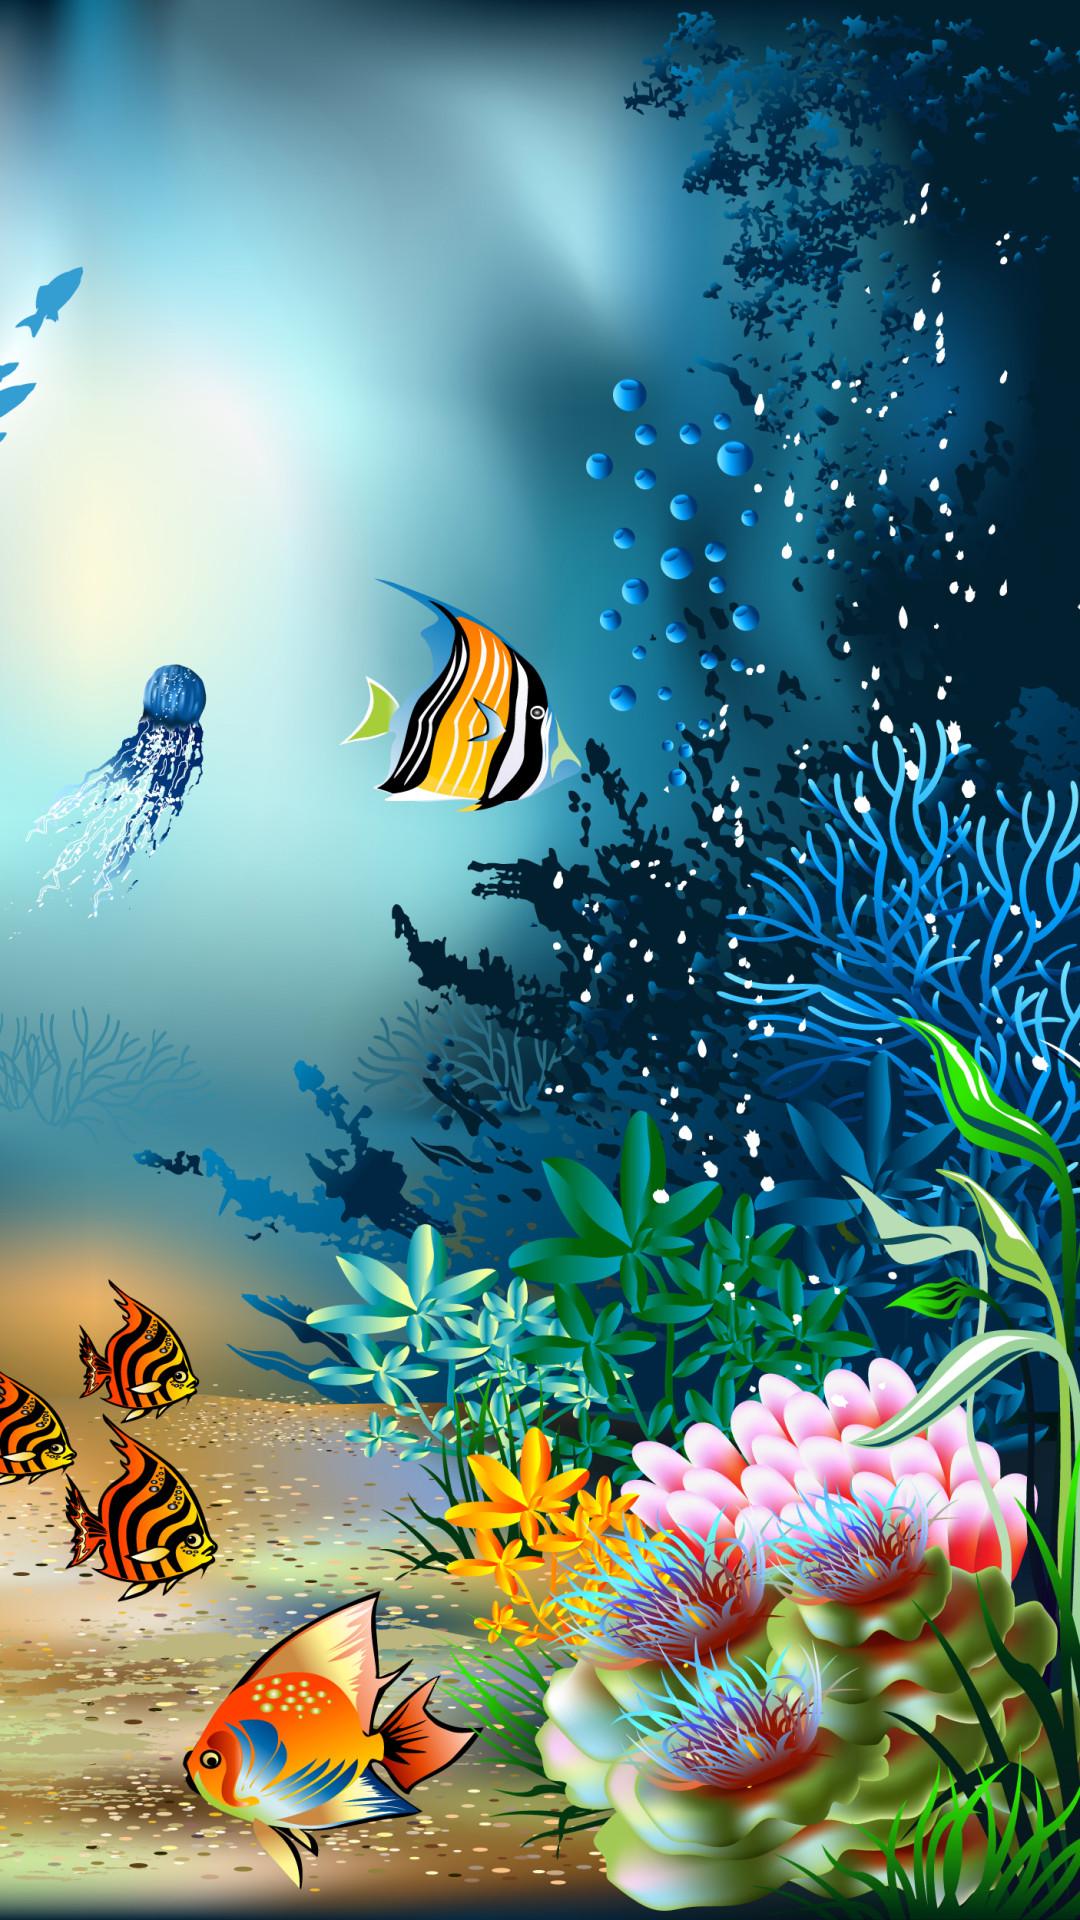 выложили движущаяся картинка с рыбками на телефон ненесеня вафельної картинки